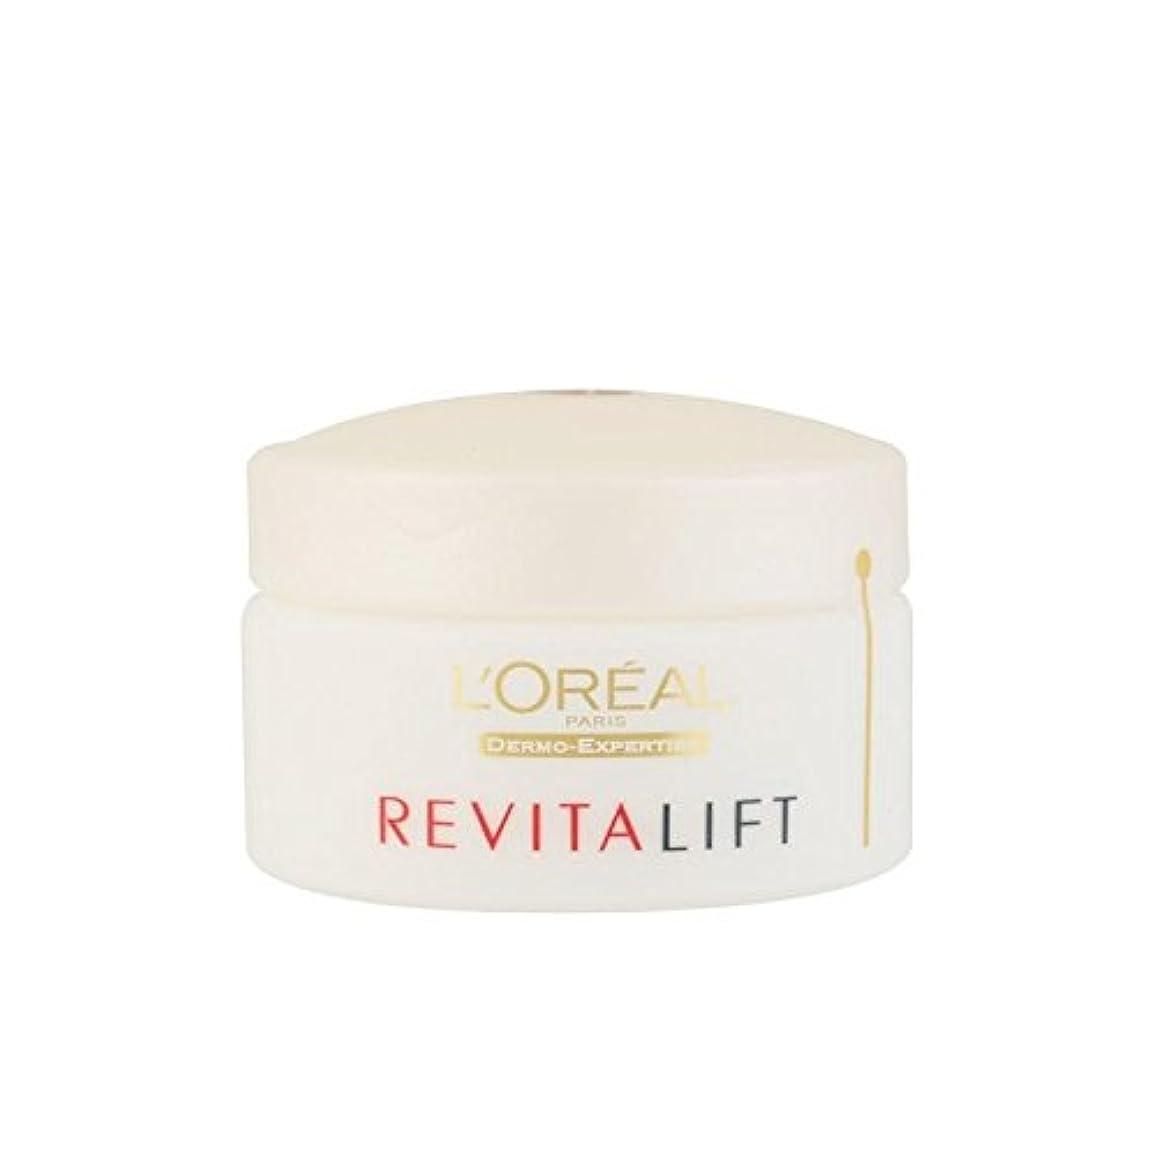 対人人内訳ロレアルパリ、真皮の専門知識の抗シワ+ファーミングデイクリーム(50ミリリットル) x4 - L'Oreal Paris Dermo Expertise Revitalift Anti-Wrinkle + Firming Day Cream (50ml) (Pack of 4) [並行輸入品]